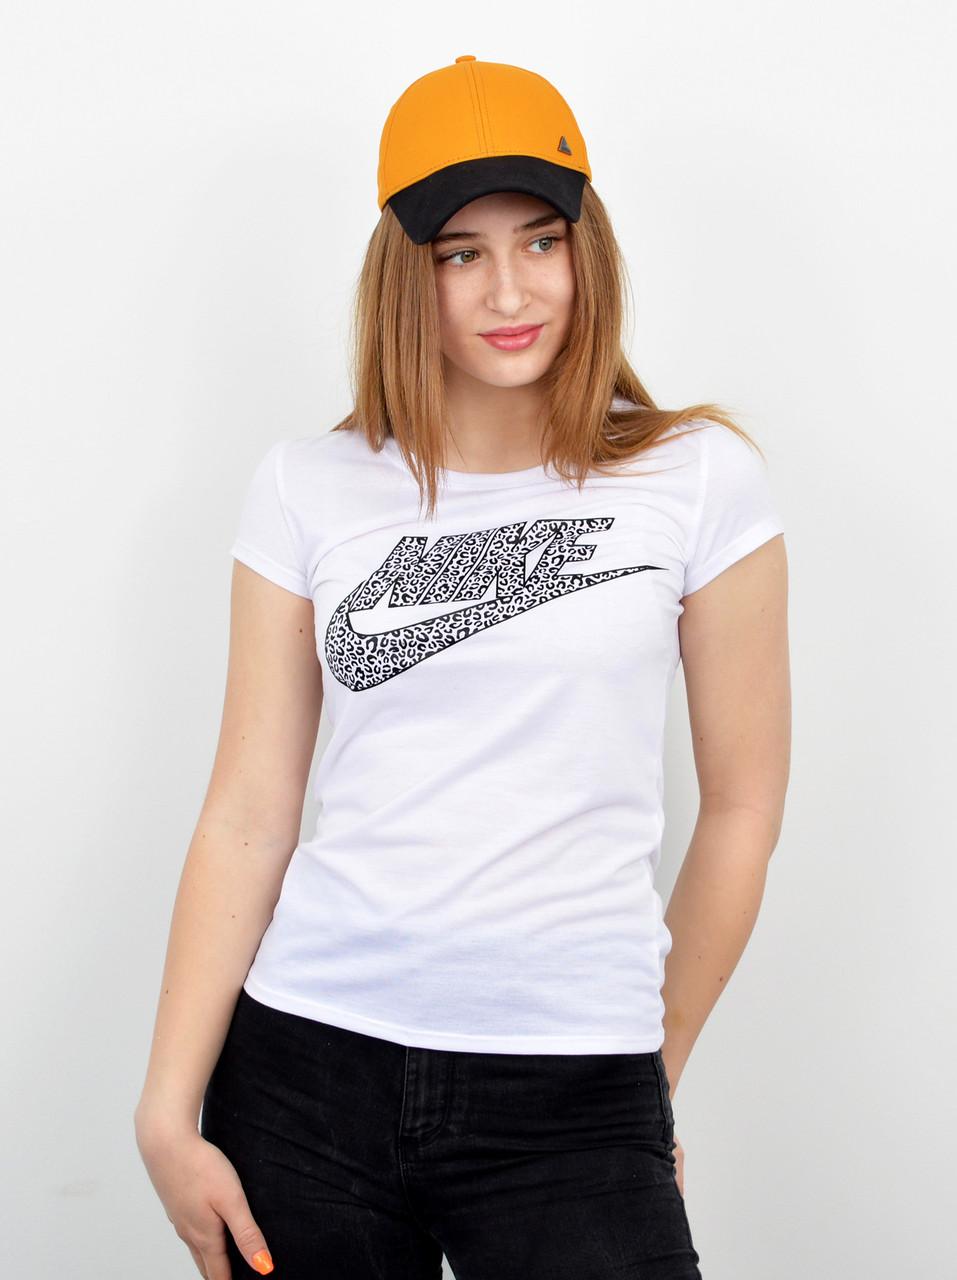 Спортивна жіноча футболка оптом 100% бавовна V0220 белий+темний сірий